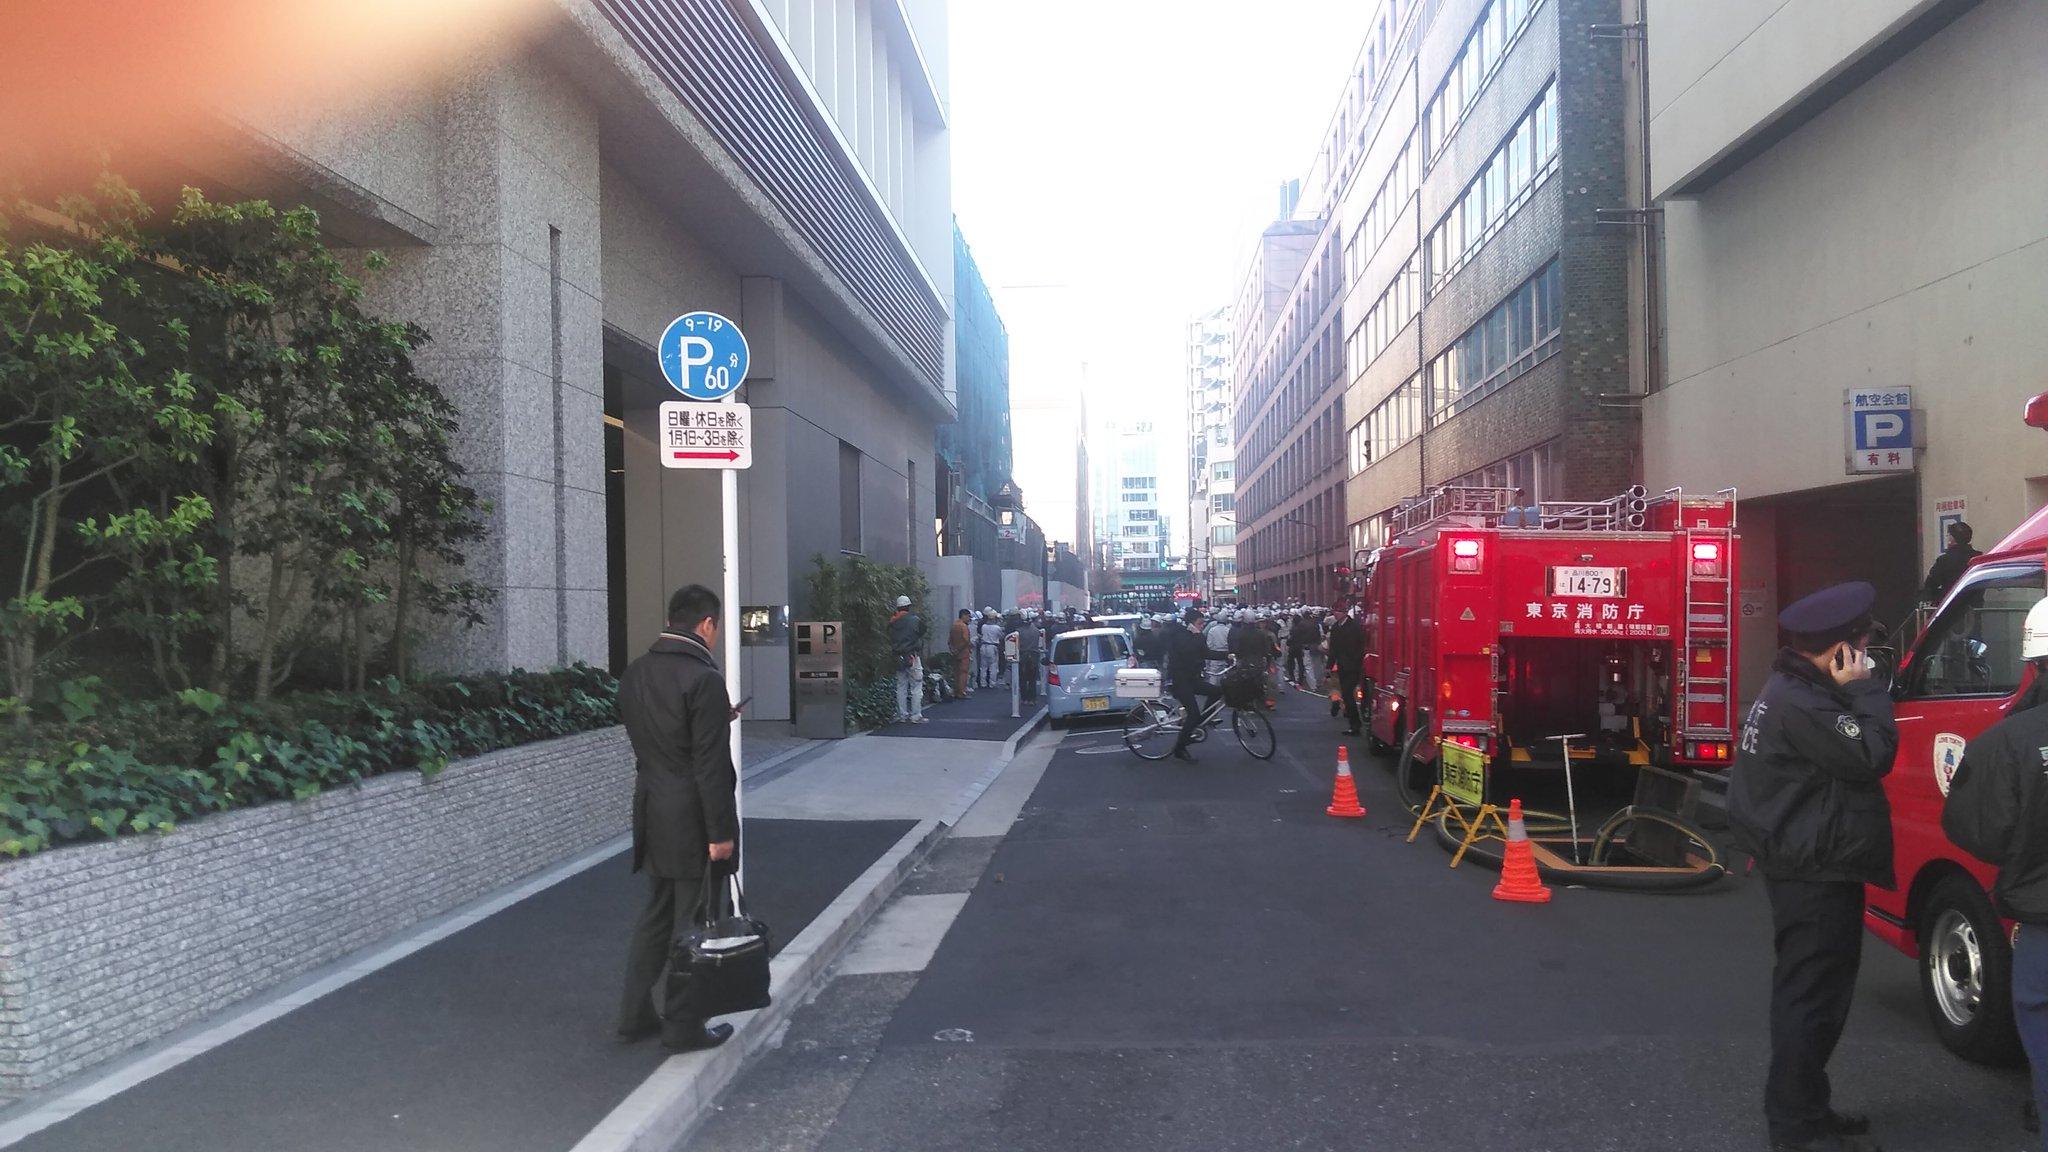 画像,内幸町の火事。消防車の数も多いが、避難した作業員の数にびっくり! https://t.co/11pmI9aV3H。